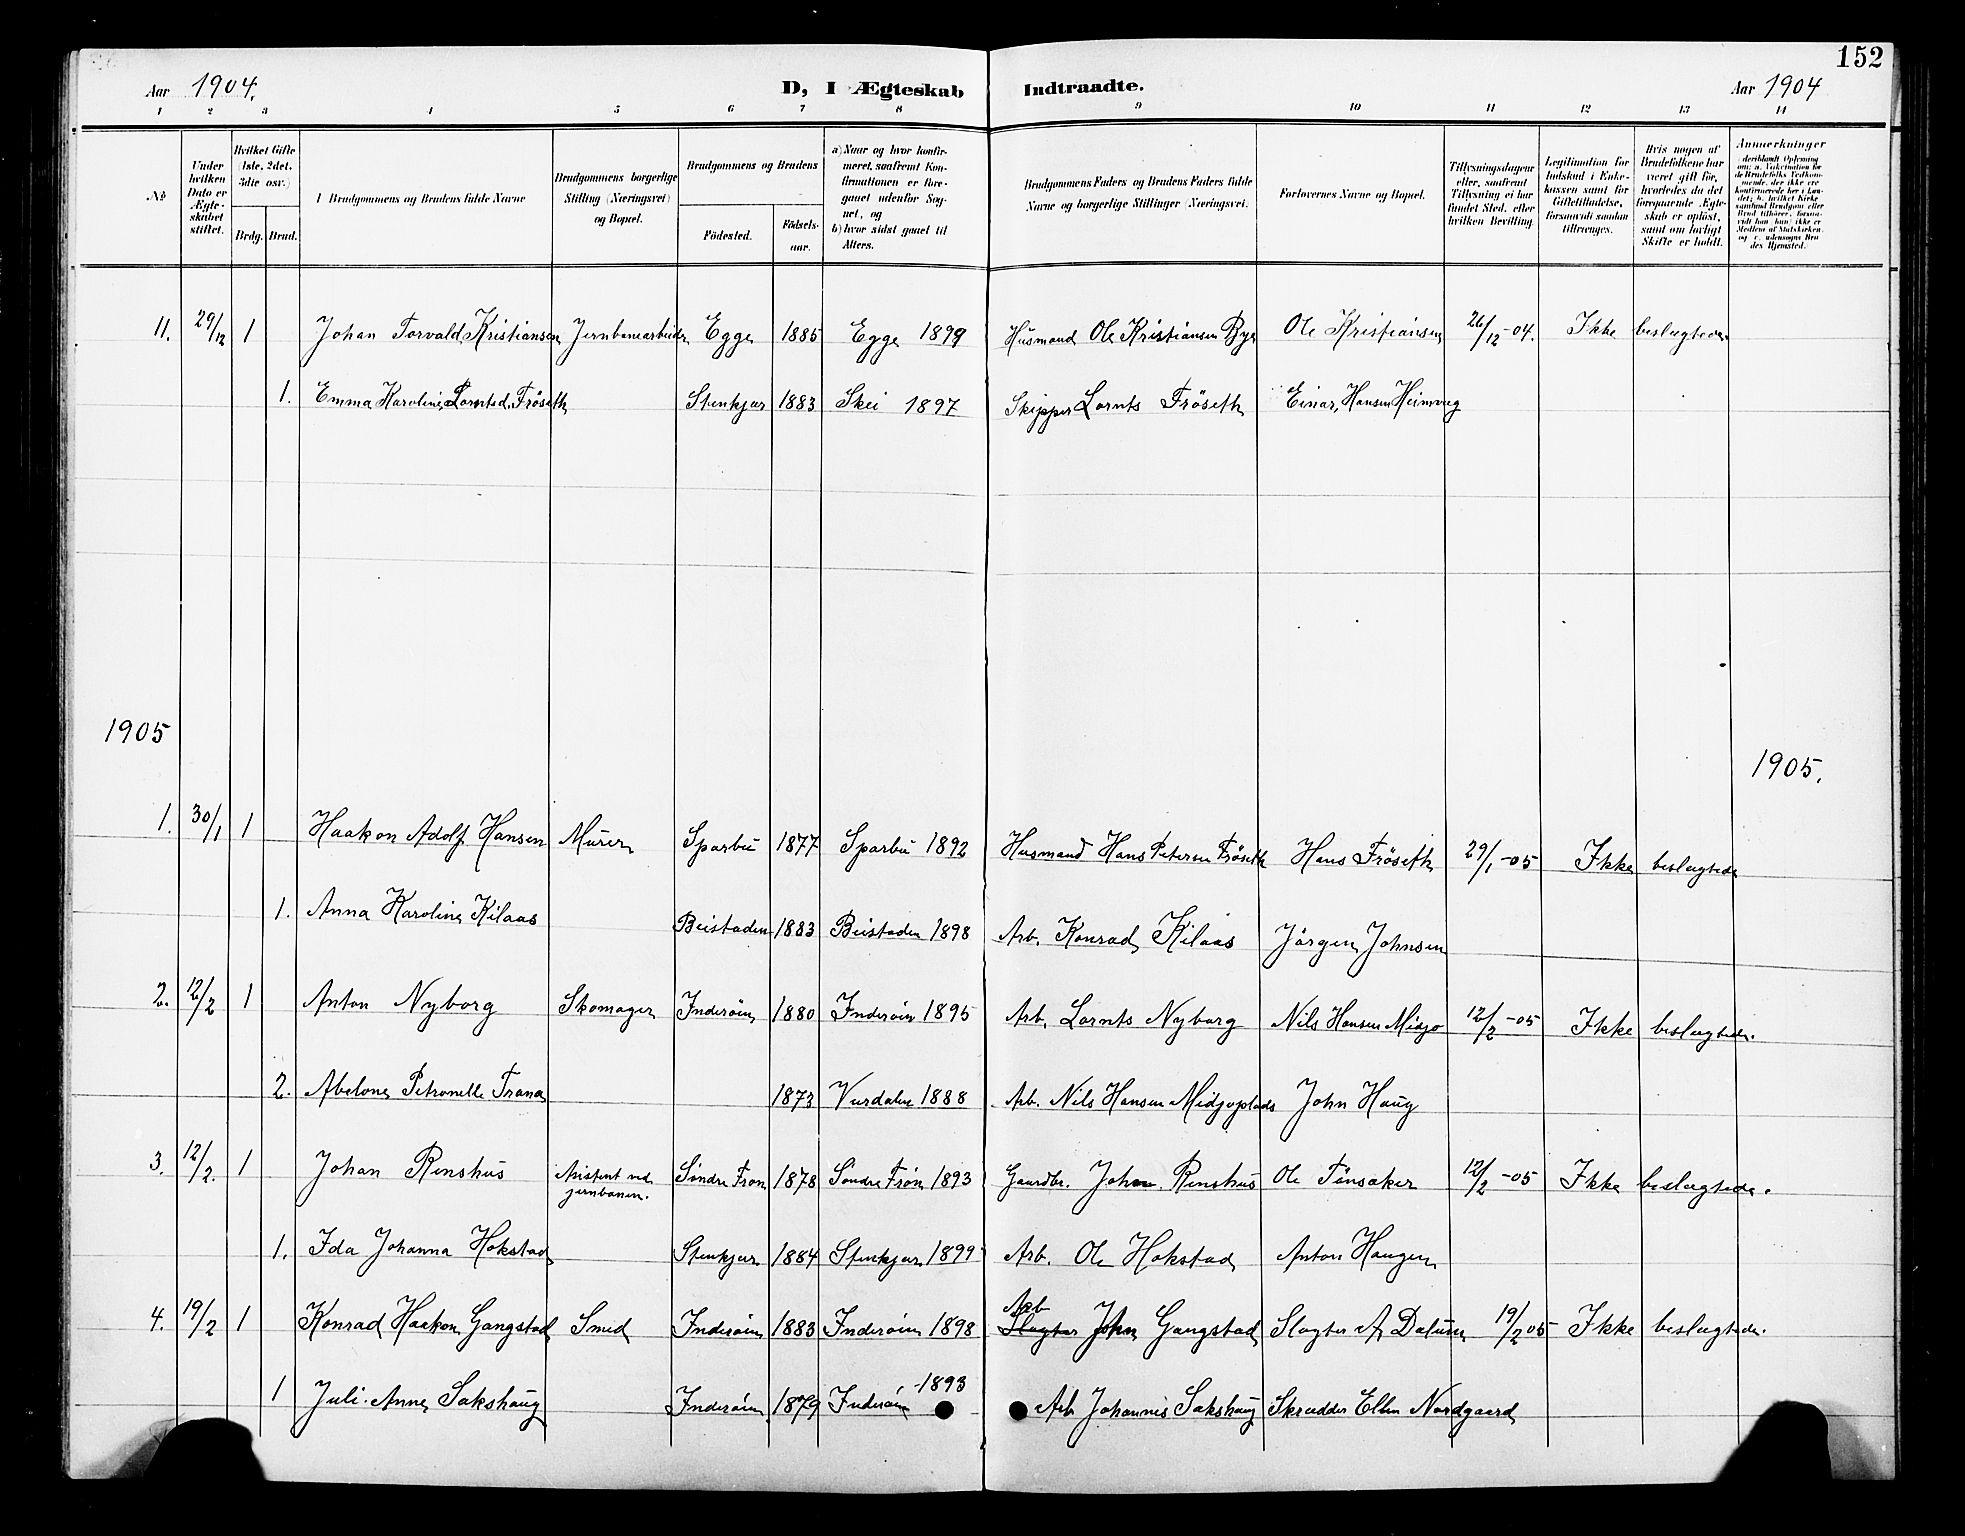 SAT, Ministerialprotokoller, klokkerbøker og fødselsregistre - Nord-Trøndelag, 739/L0375: Klokkerbok nr. 739C03, 1898-1908, s. 152